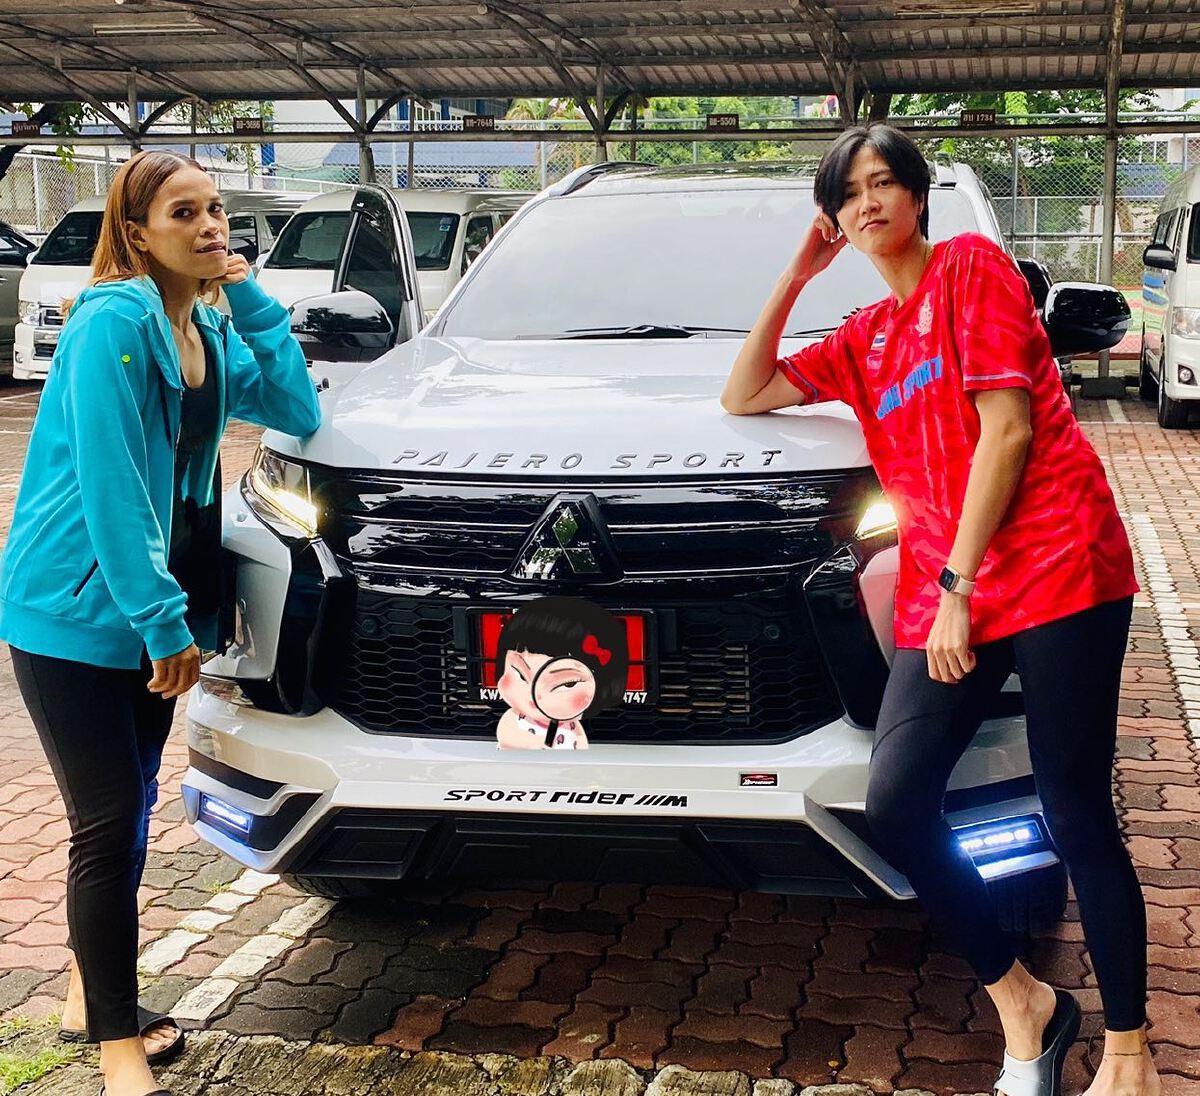 เปิด 6 รถหรู นักตบลูกยางสาวทีมชาติไทย ที่ได้จากน้ำพักน้ำแรง ก่อนอำลาวงการ